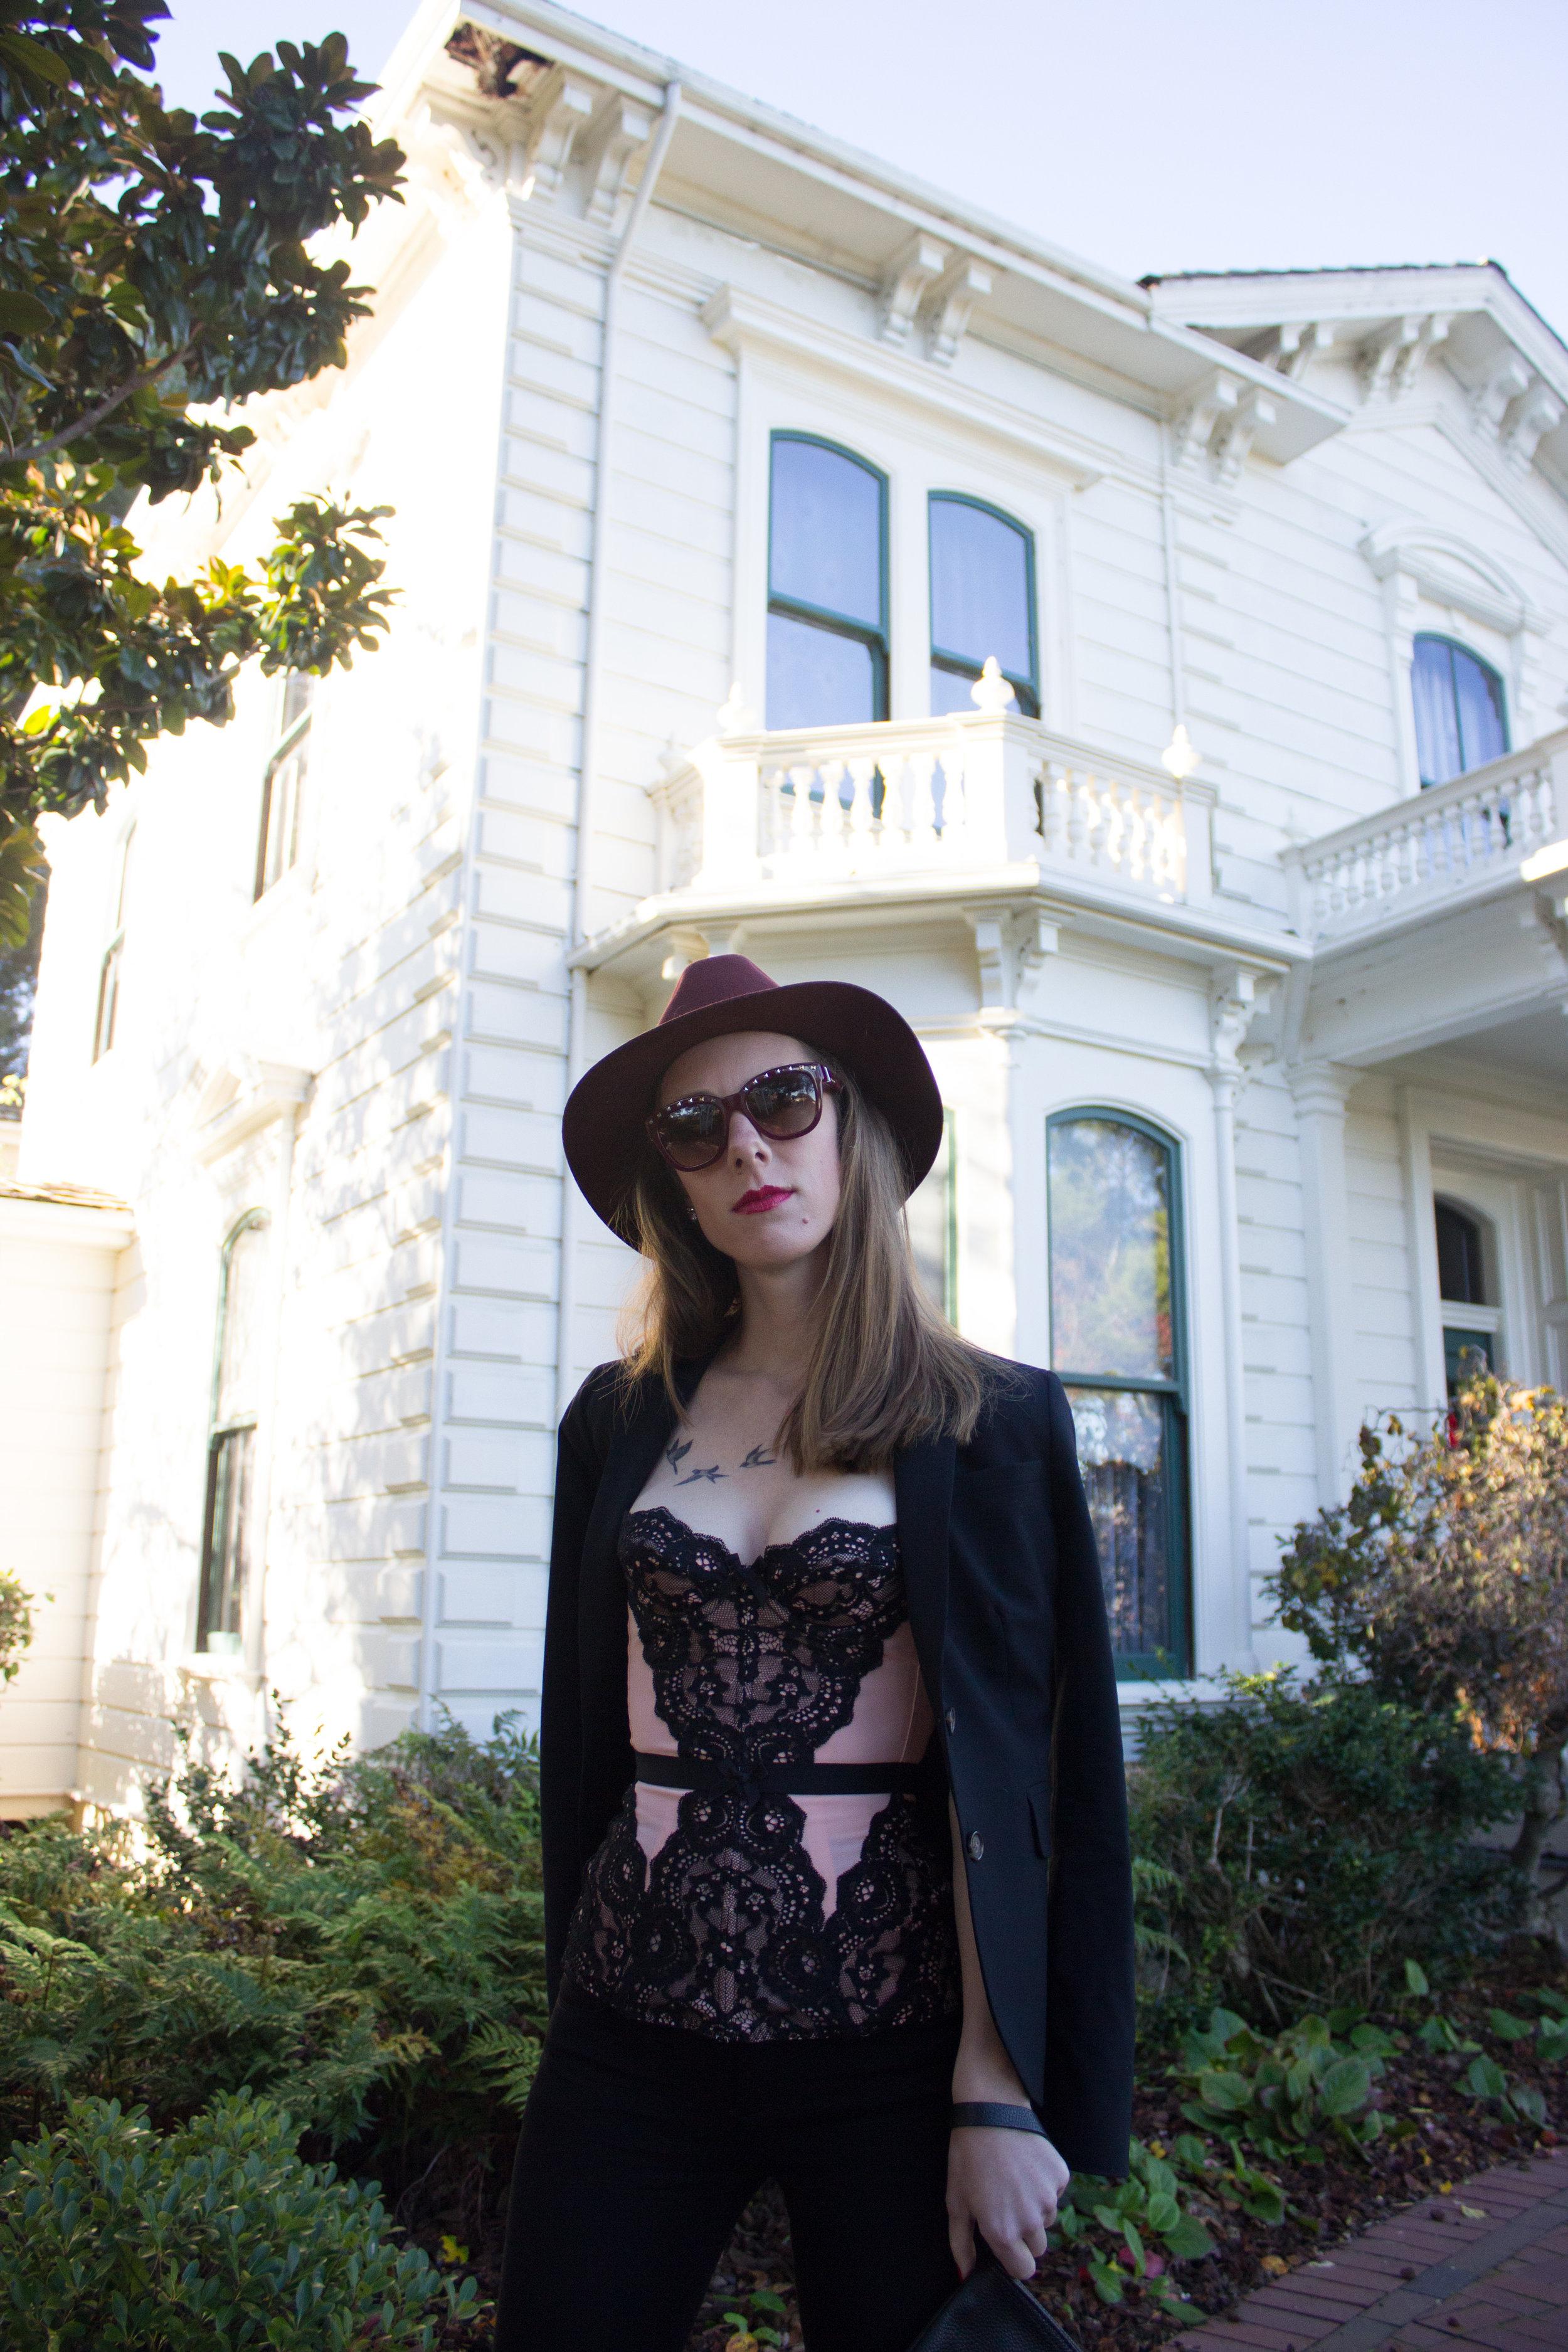 agent-provocateur-corset.jpg